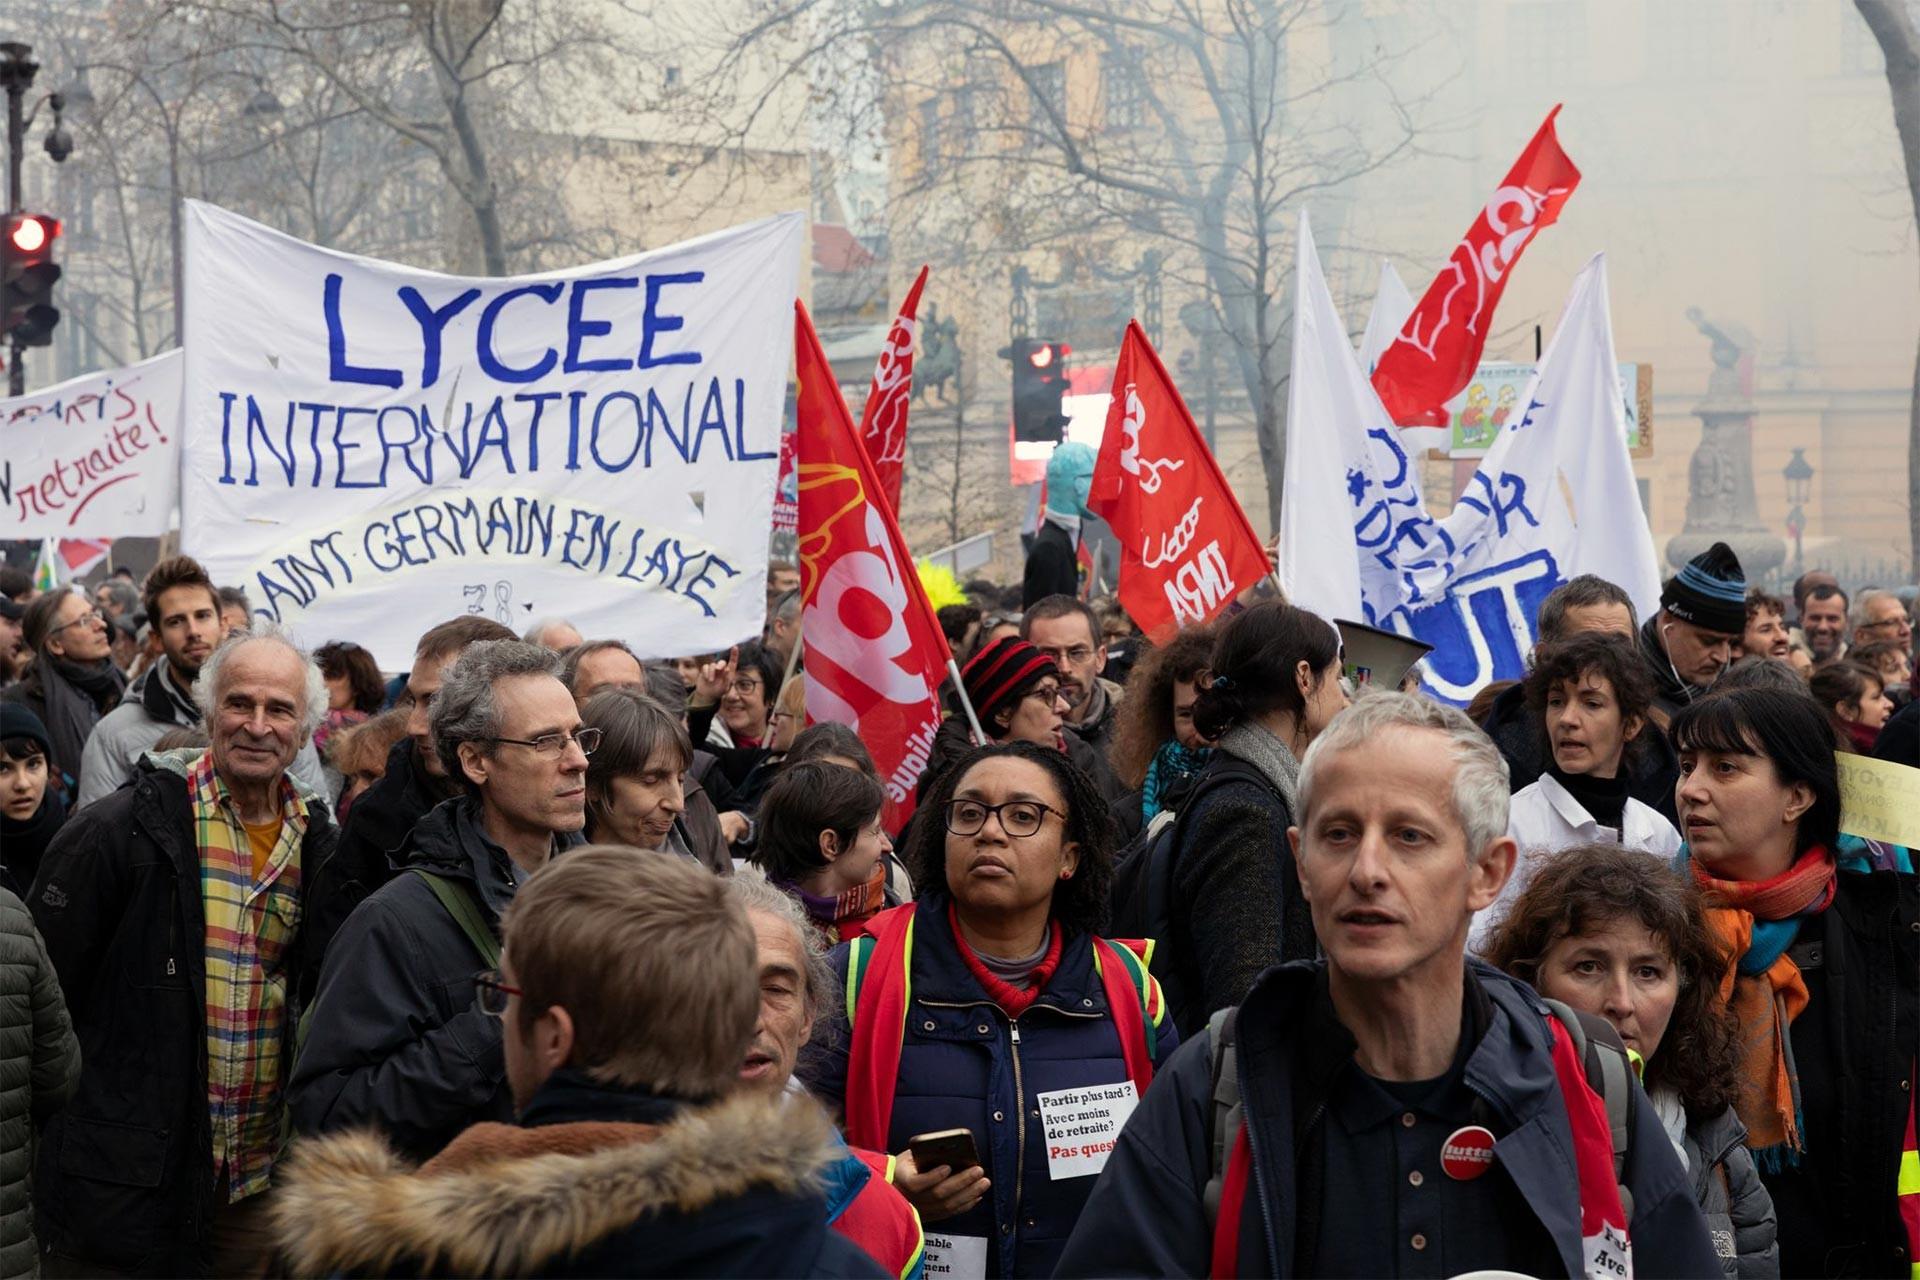 Fransa'da greve destek verenler ve lise öğrencilerinin pankartı